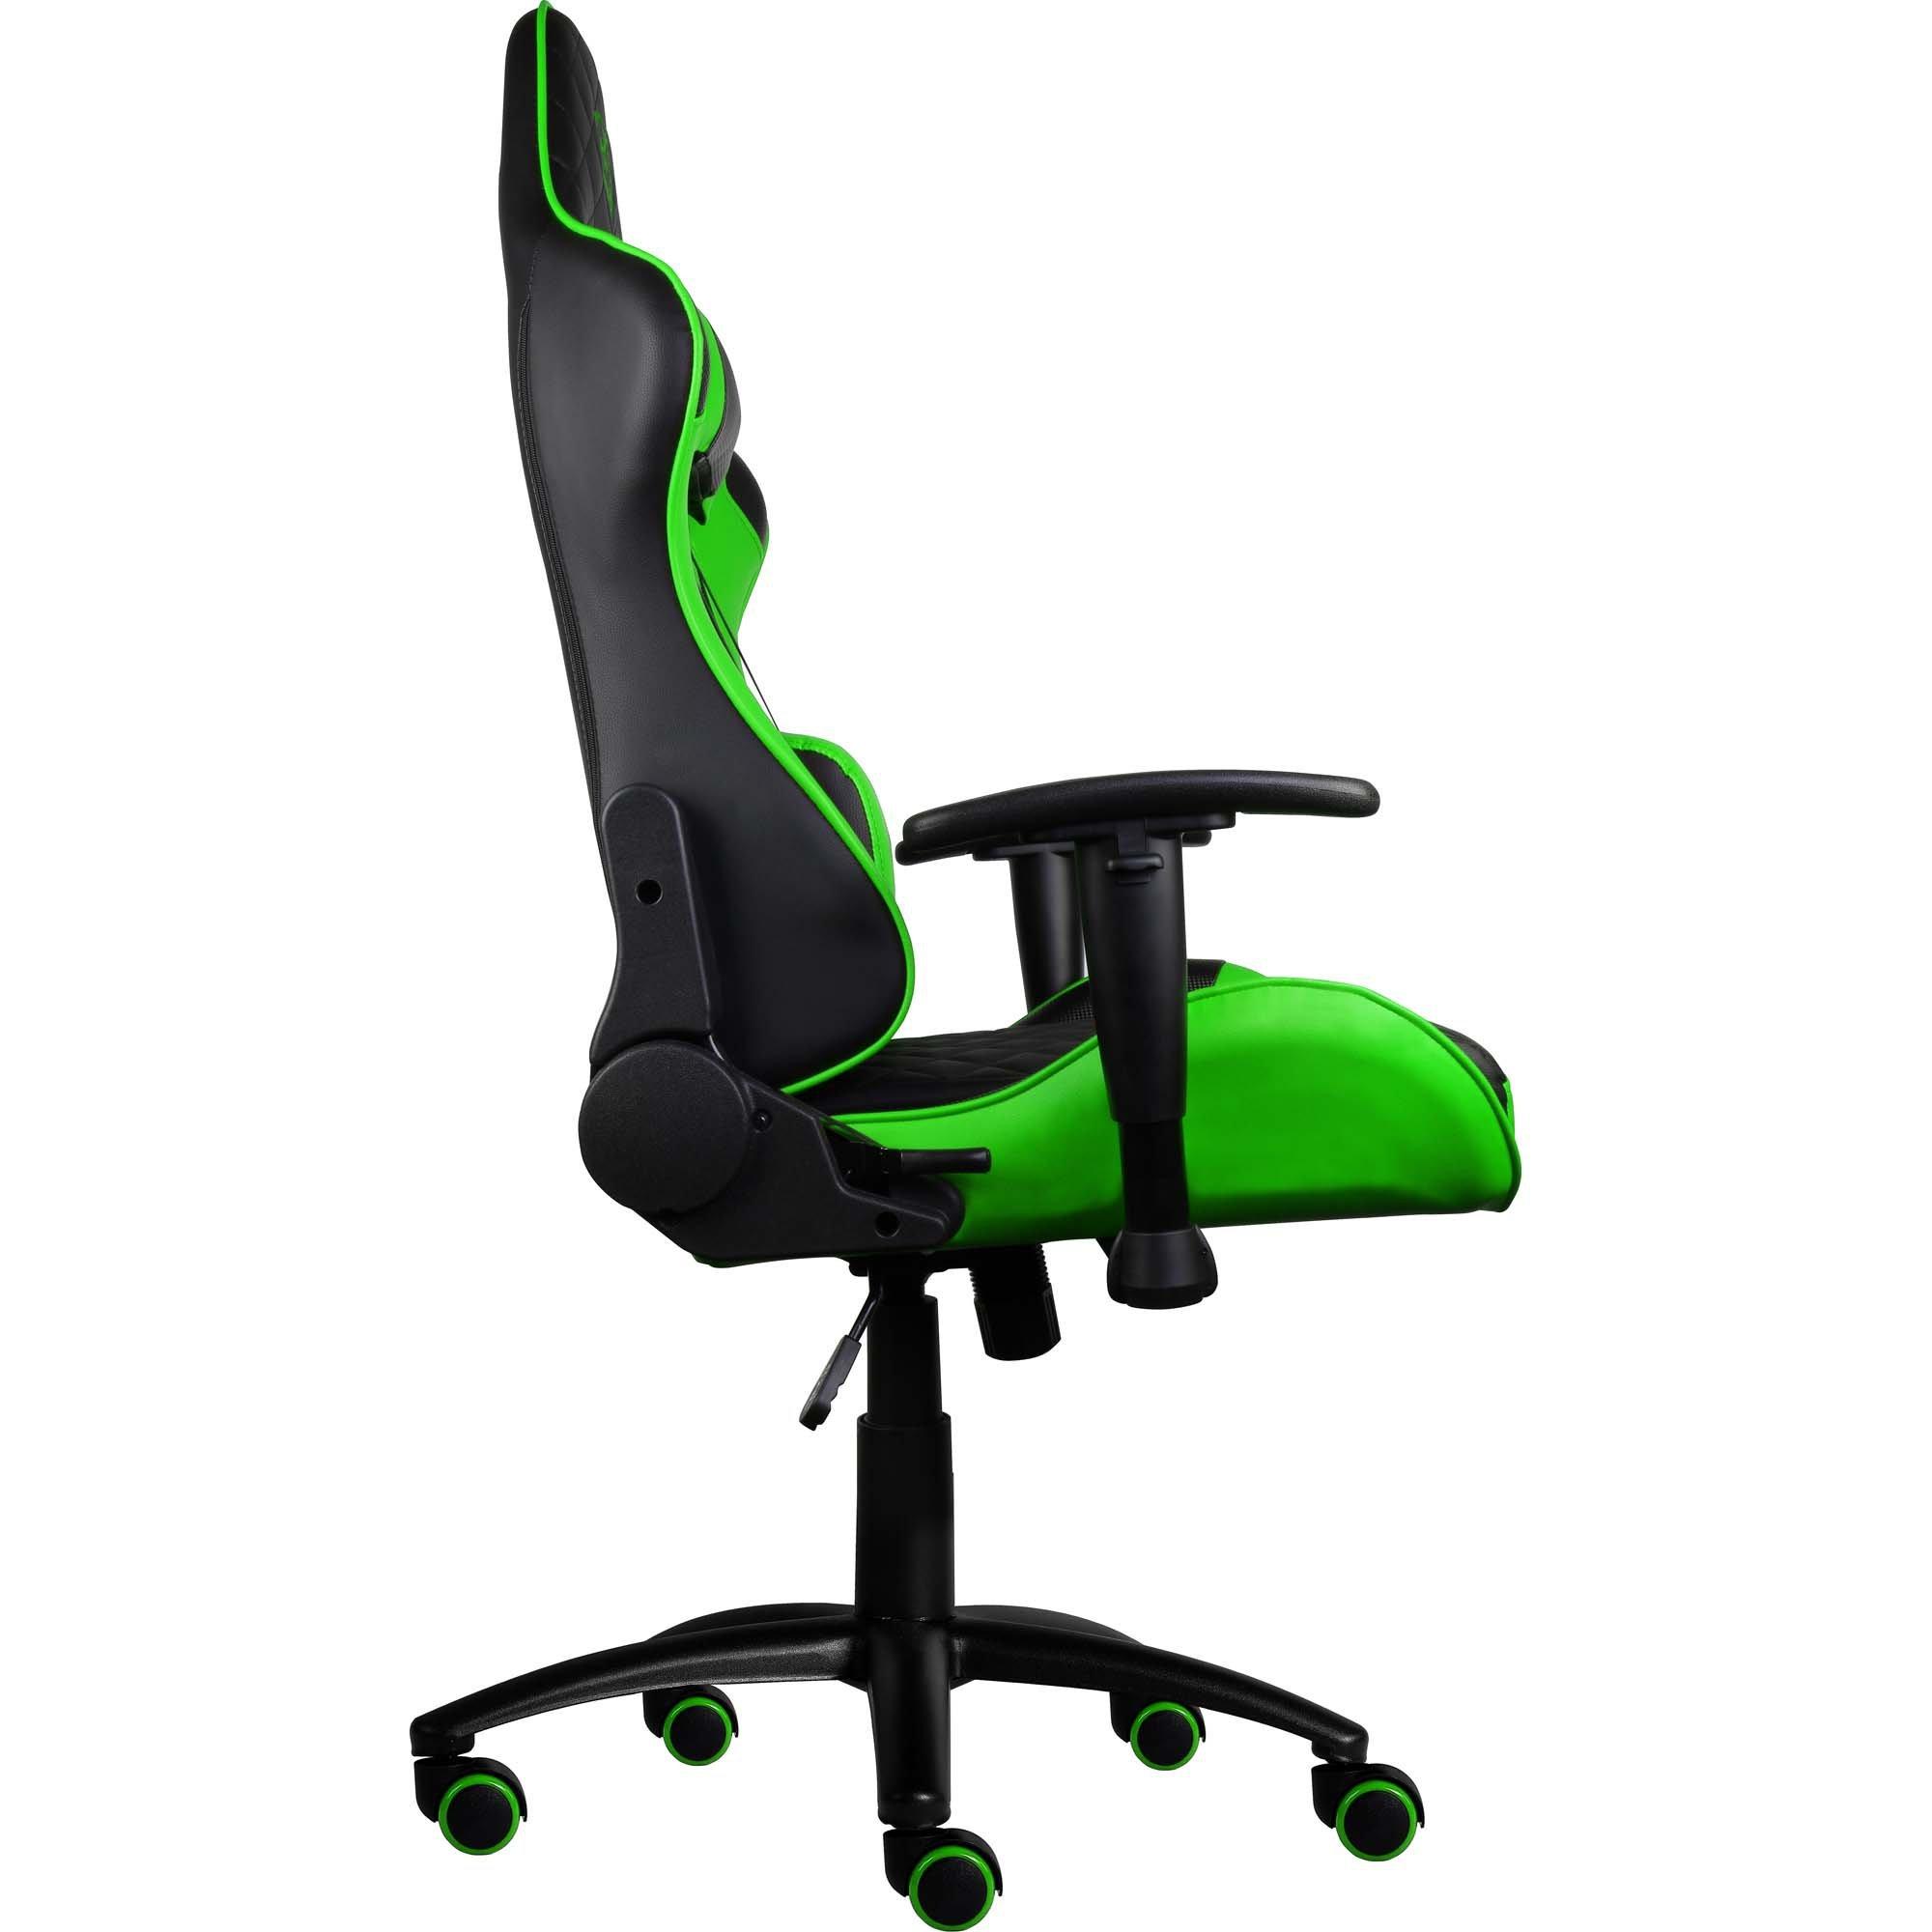 cadeira gamer rapido preta verde thunderx3 profissional tgc12 43832 2000 191591 1